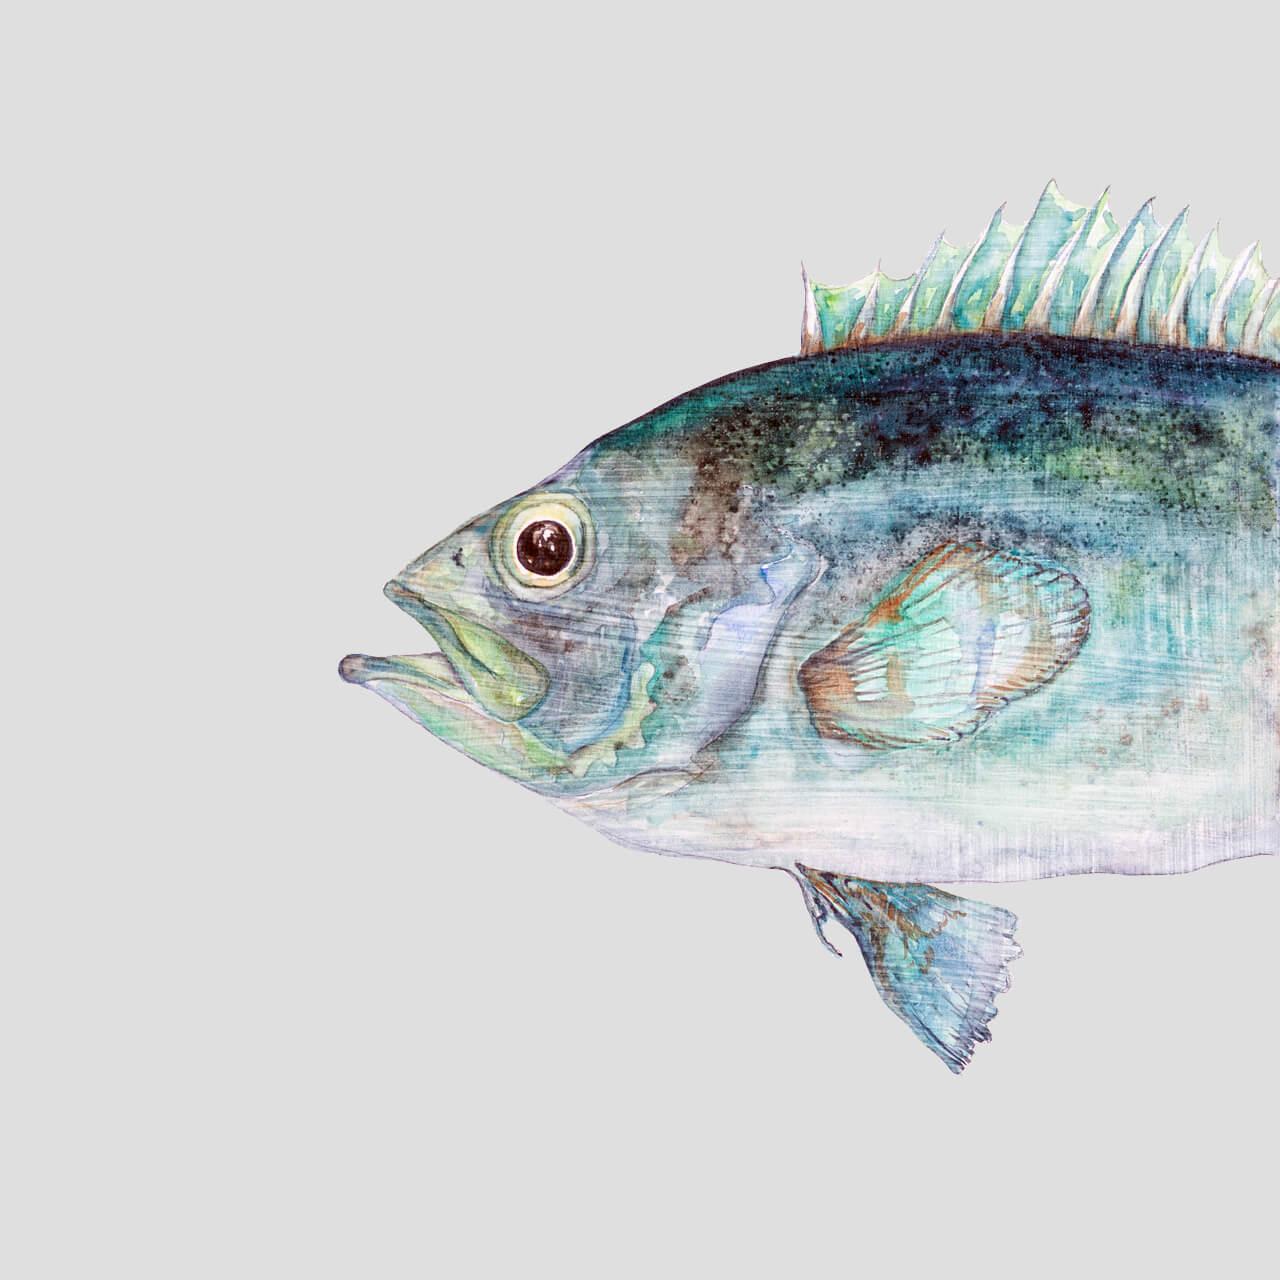 sebastus-marinus-viridis-I